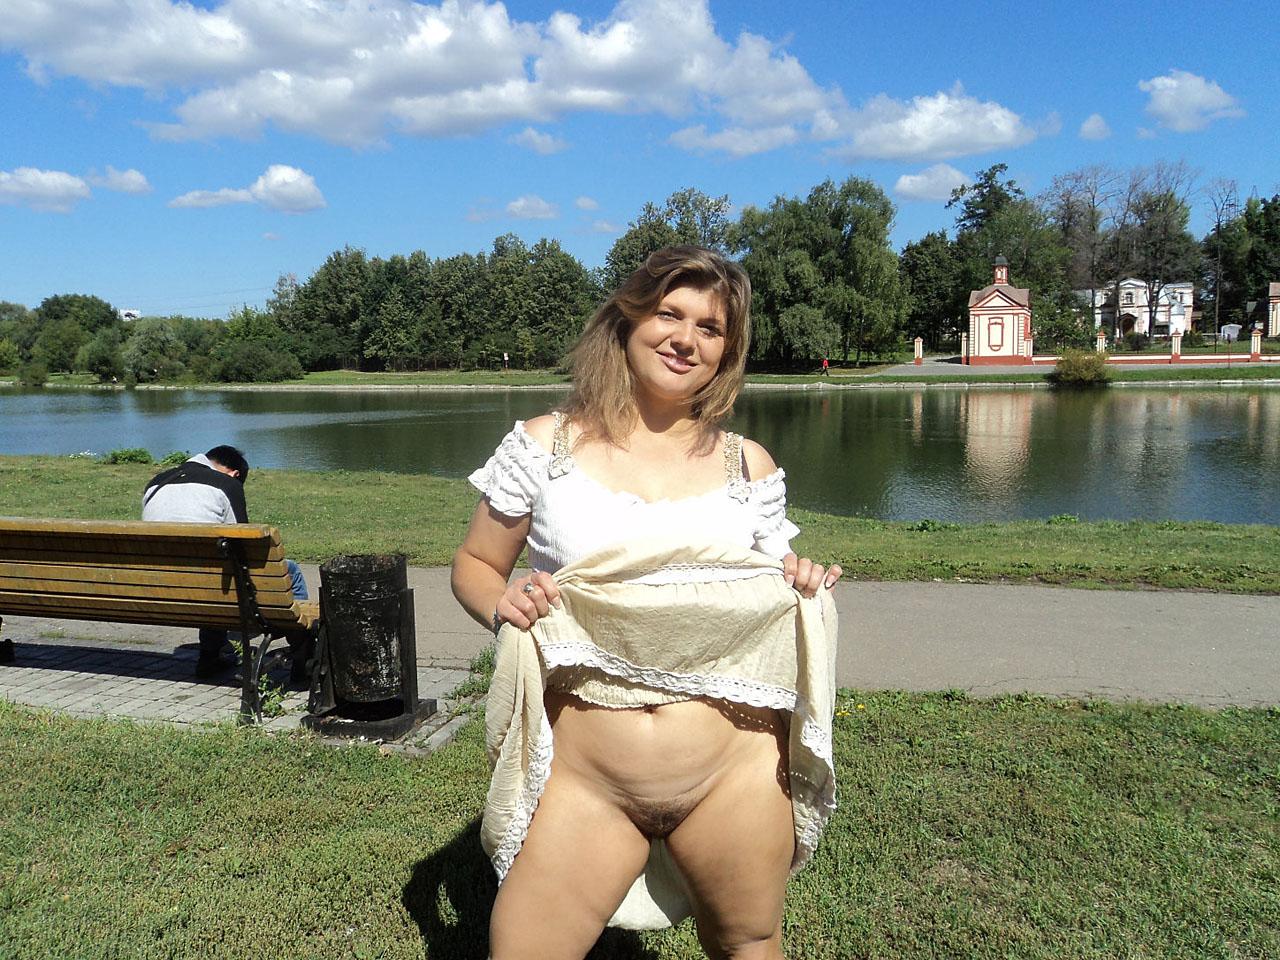 вырывает фото голые женщины без комплексов фотогалерея домашнего секса